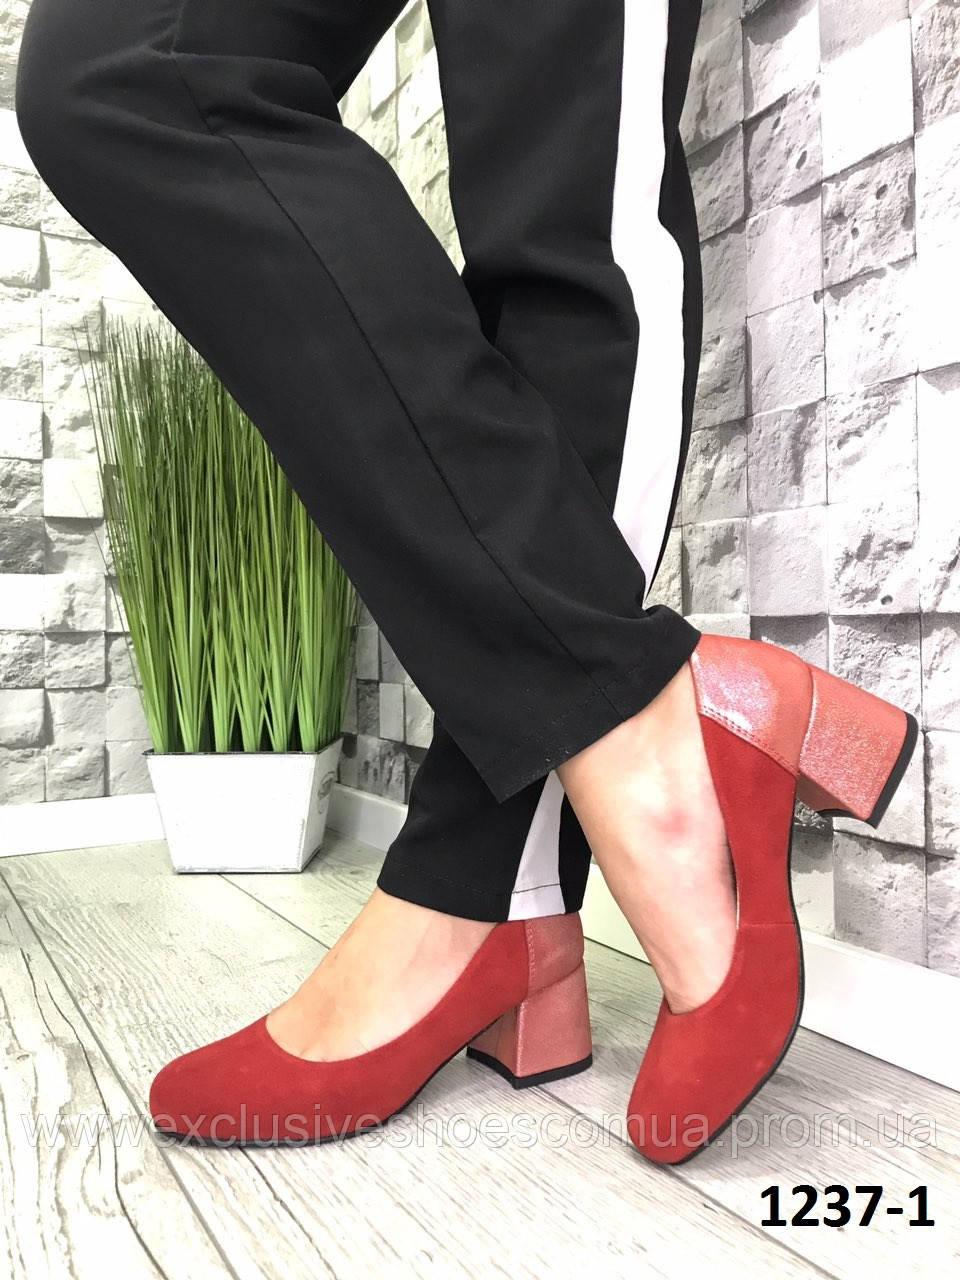 Туфлі жіночі човники червоні замшеві на підборах з принтом на п'яті